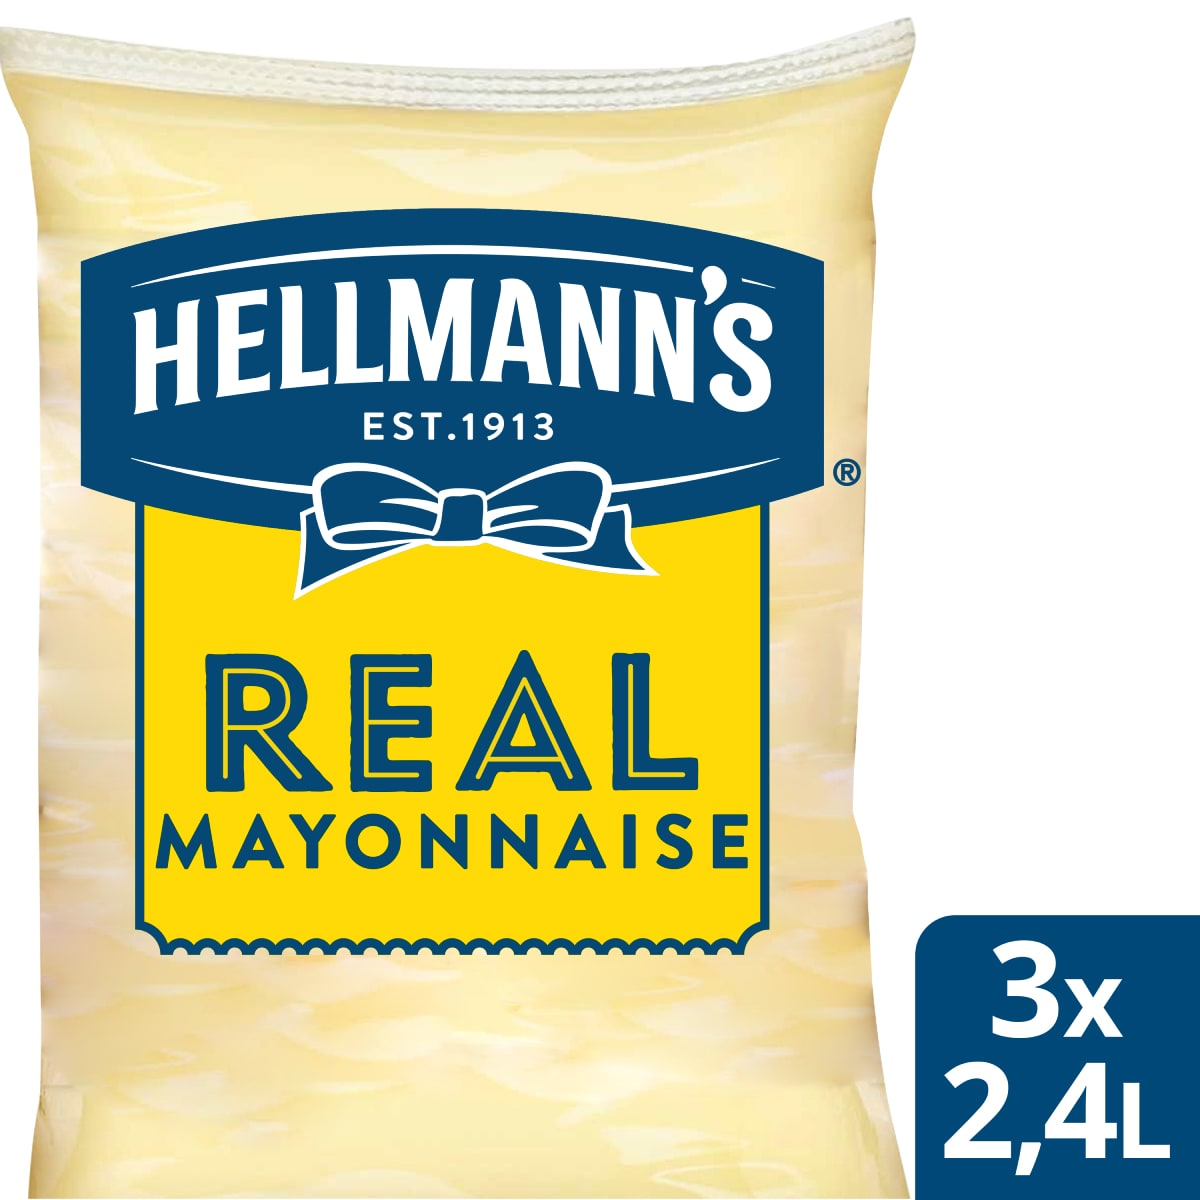 Hellmann's Майонеза Real пауч 2.4 l - Hellmann's дресинг паучове за лесно и ефикасно дозиране